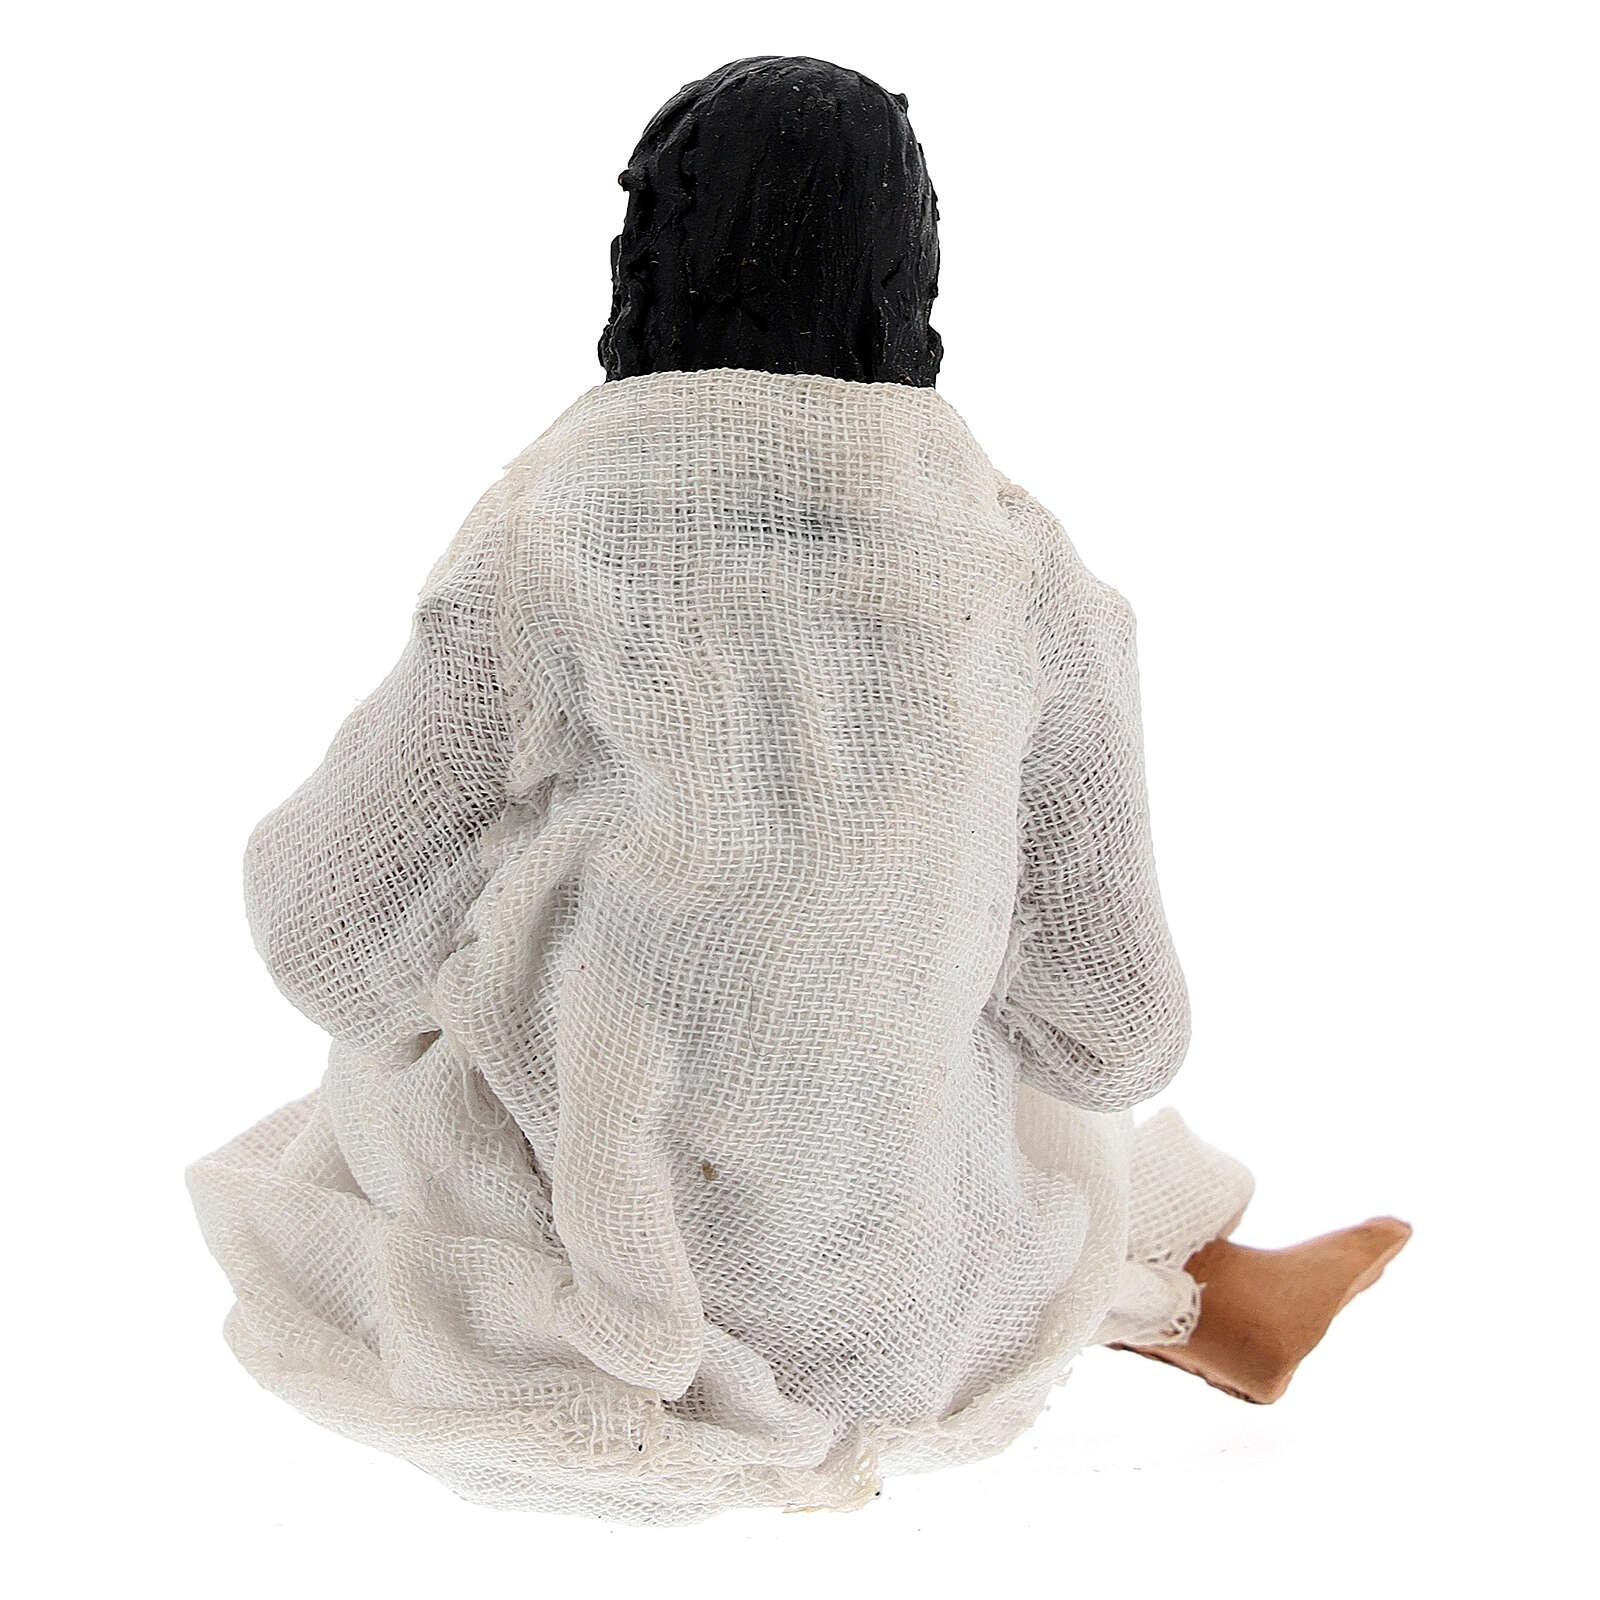 Donna partoriente presepe napoletano 13 cm 4